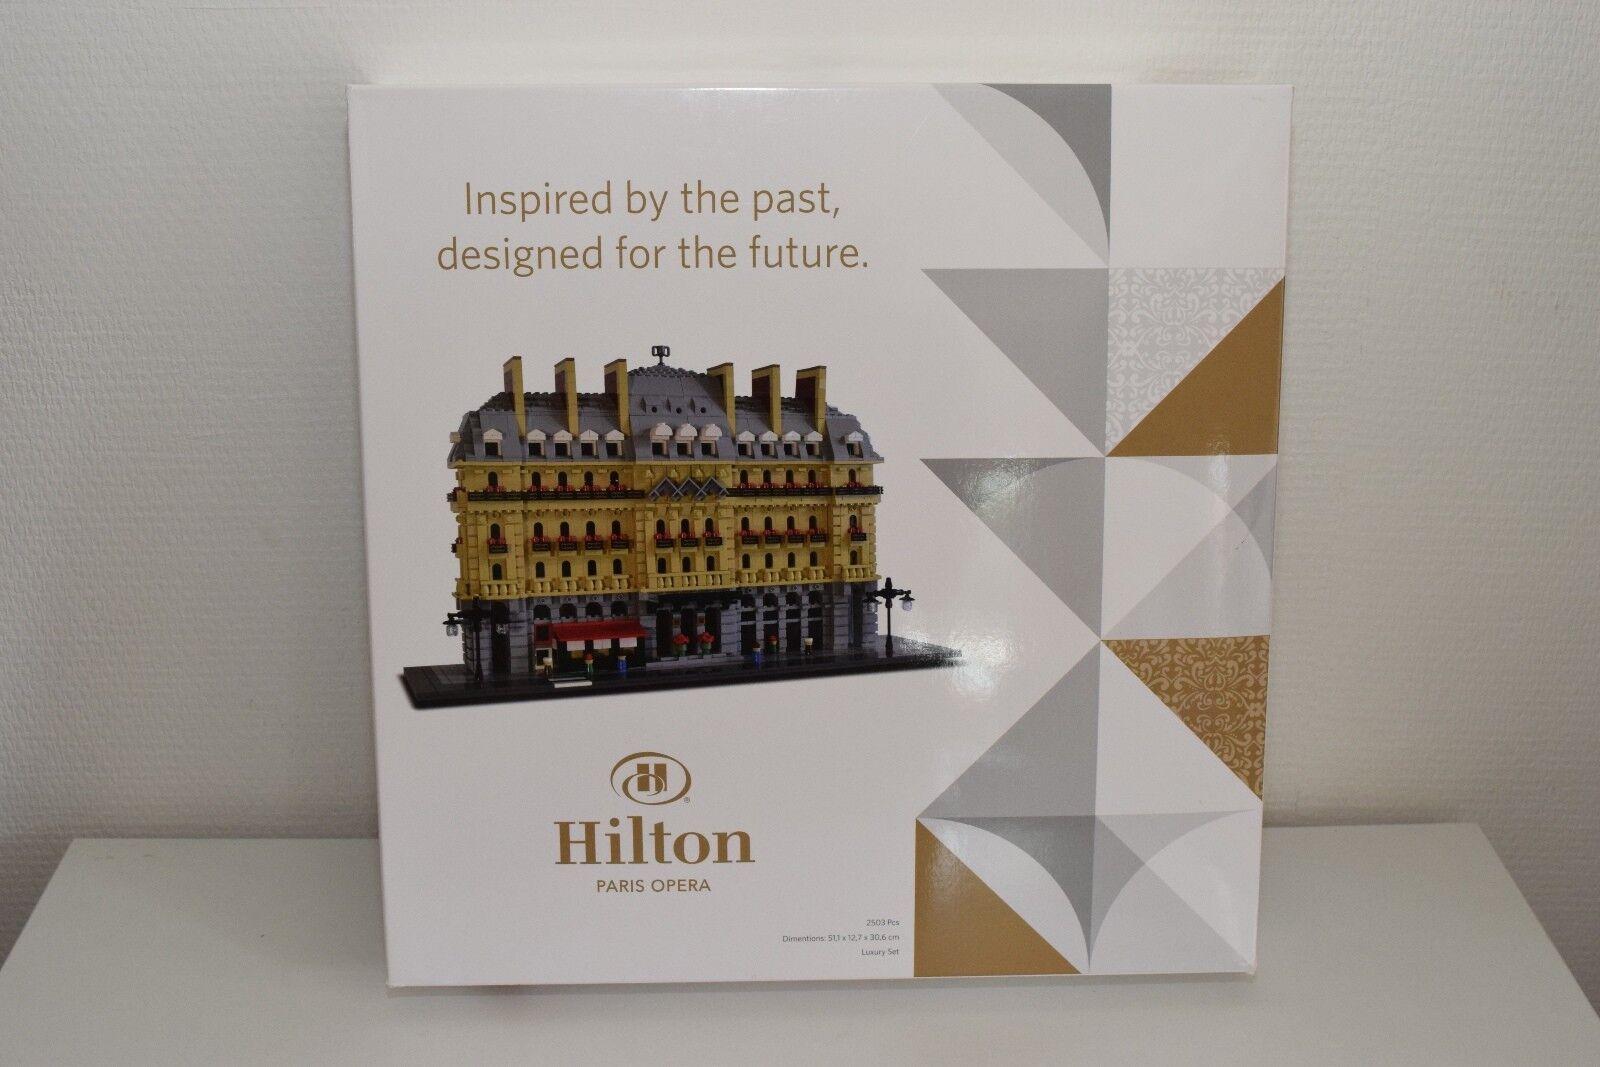 LEGO HILTON PARIS OPERA HOTEL BUILDING LUXURY SET 500 ONLY MINT IN BOX RARE RARO    Erste Kunden Eine Vollständige Palette Von Spezifikationen